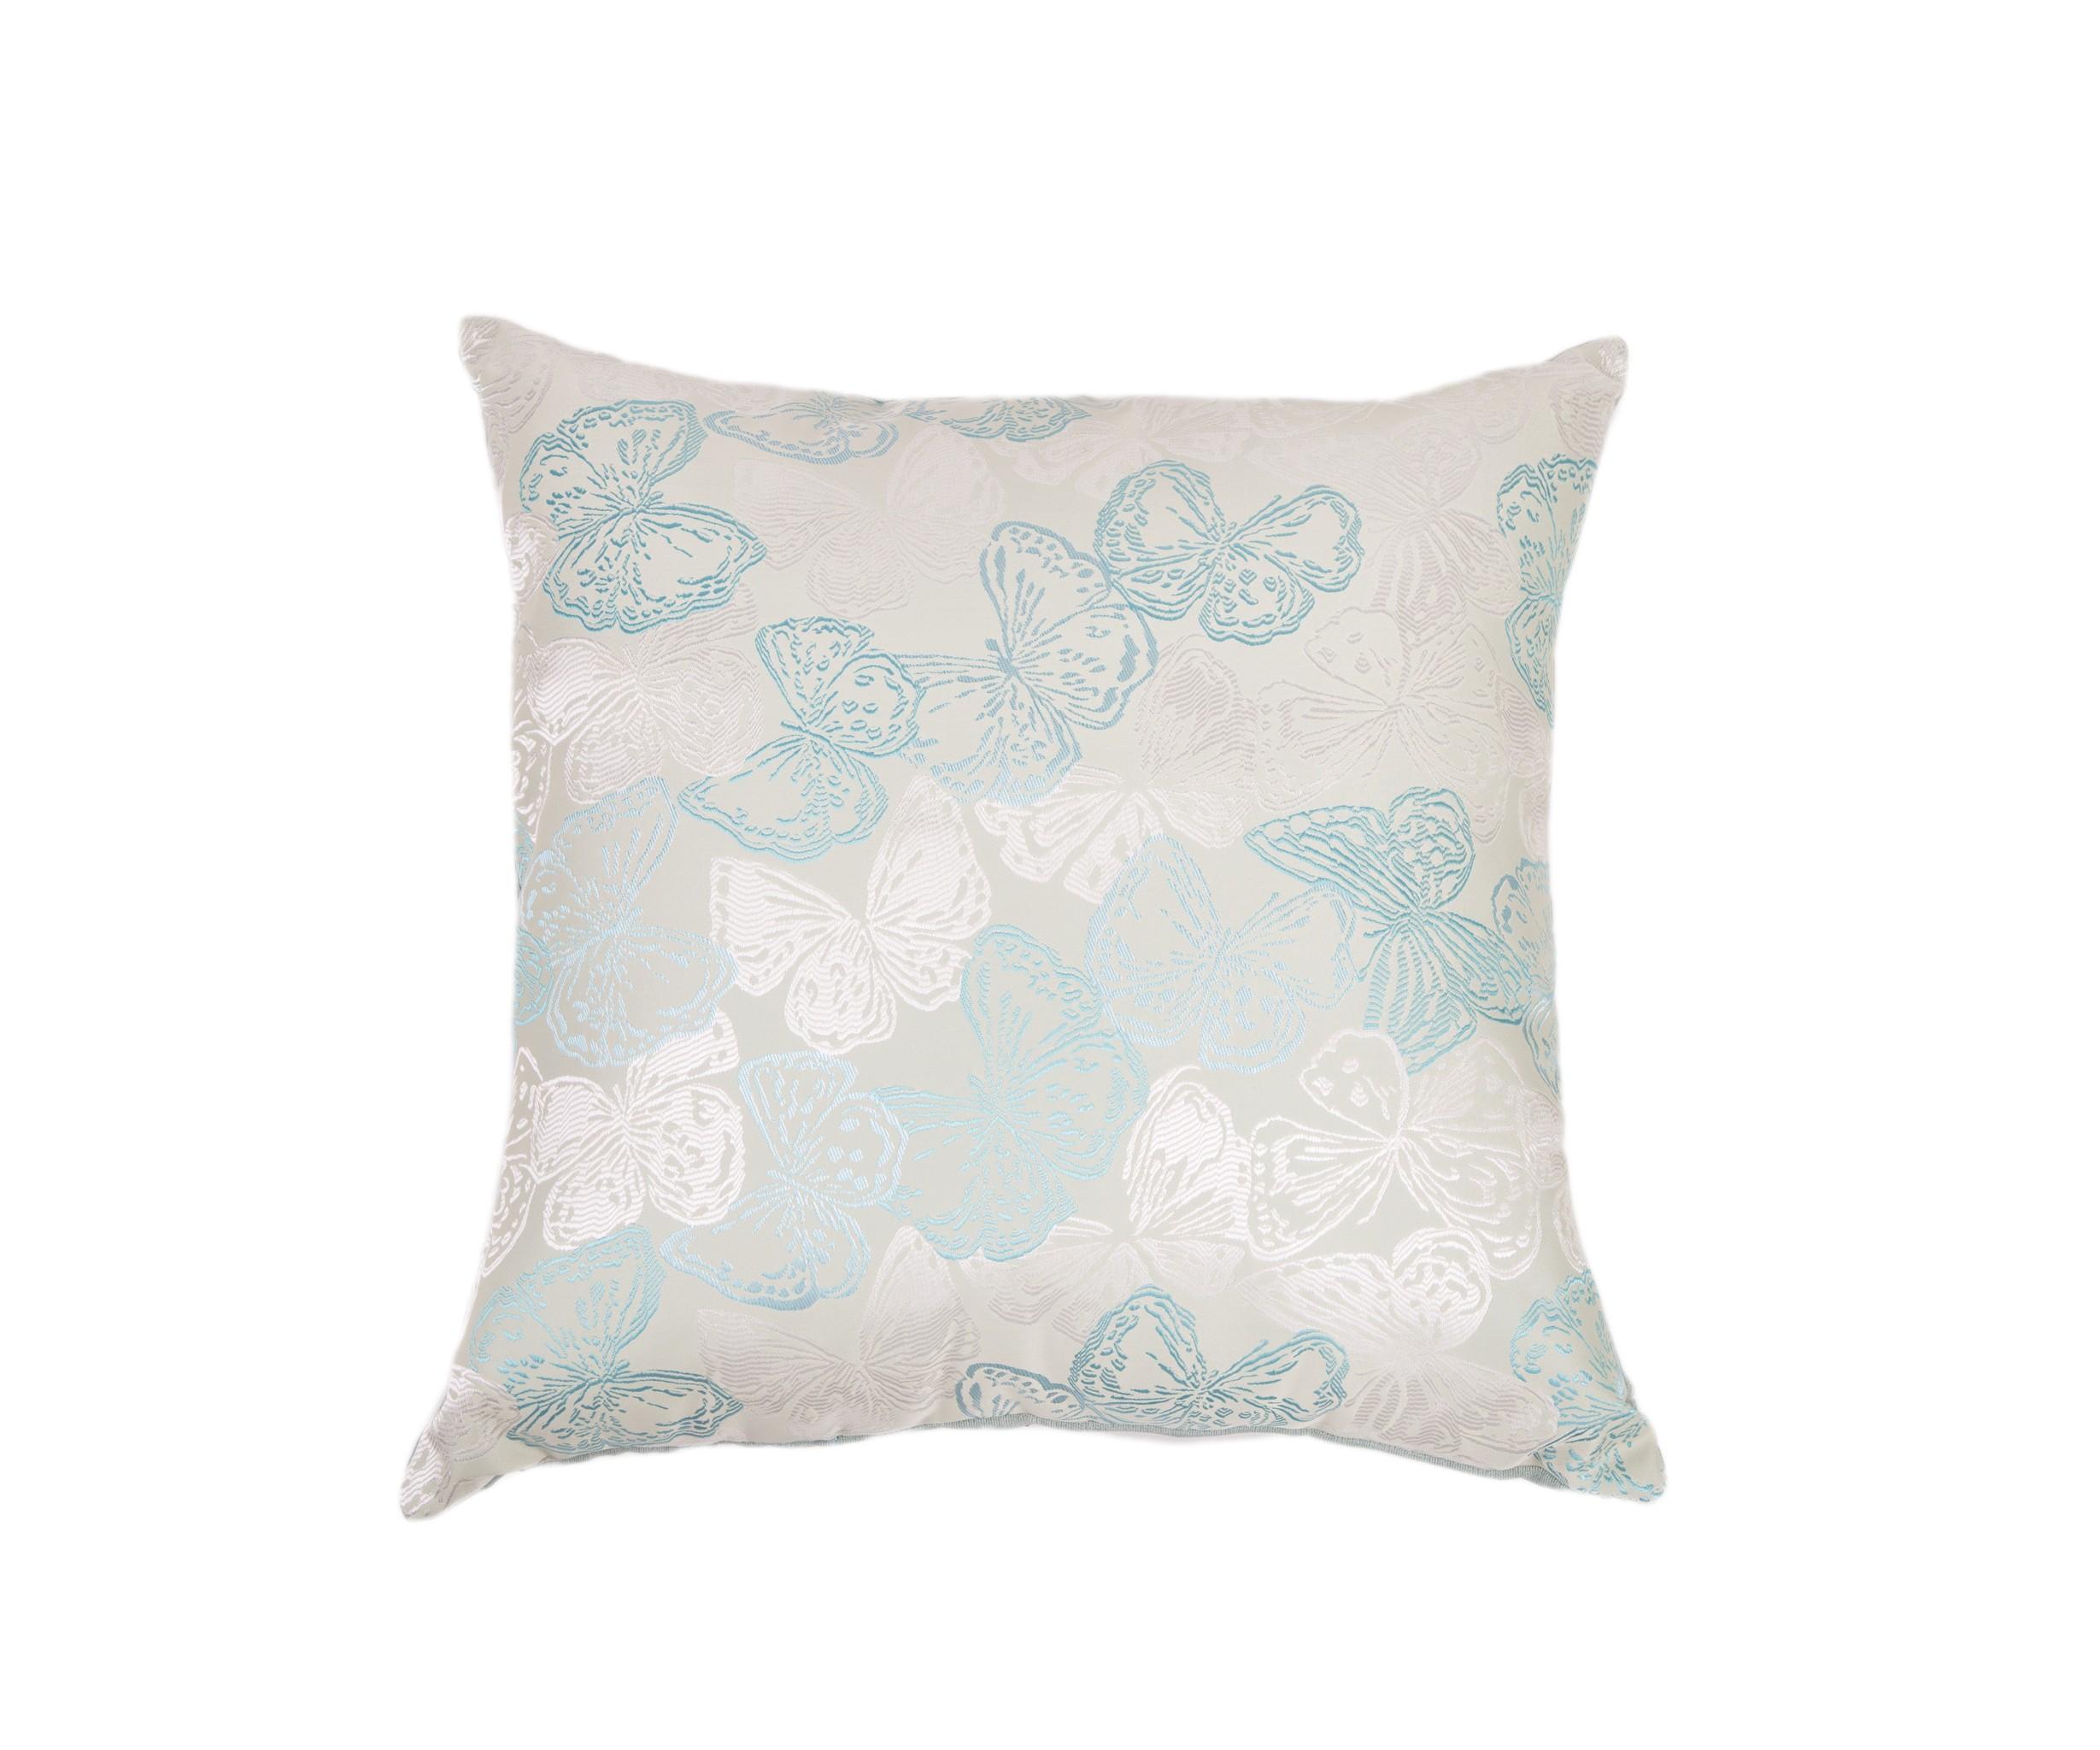 Подушка Зеленые бабочкиКвадратные подушки и наволочки<br>Двусторонняя декоративная подушка &amp;quot;Зеленые бабочки&amp;quot; станет ярким акцентом в вашем интерьере. На одной стороне принт с красочными бабочками сочно-изумрудных и золотистых  тонов, на другой стороне - нежный велюр сделают пространство комнаты веселым и радостным.  Высококачественный материал приятен для кожи и безопасен даже для самой чувствительной кожи.  Оригинальный дизайнерский принт сделает пространство стильным и своеобразным.  Красивый рисунок на ткани станет ярким акцентом в вашем декоре.<br><br>Material: Текстиль<br>Length см: None<br>Width см: 55<br>Depth см: 10<br>Height см: 55